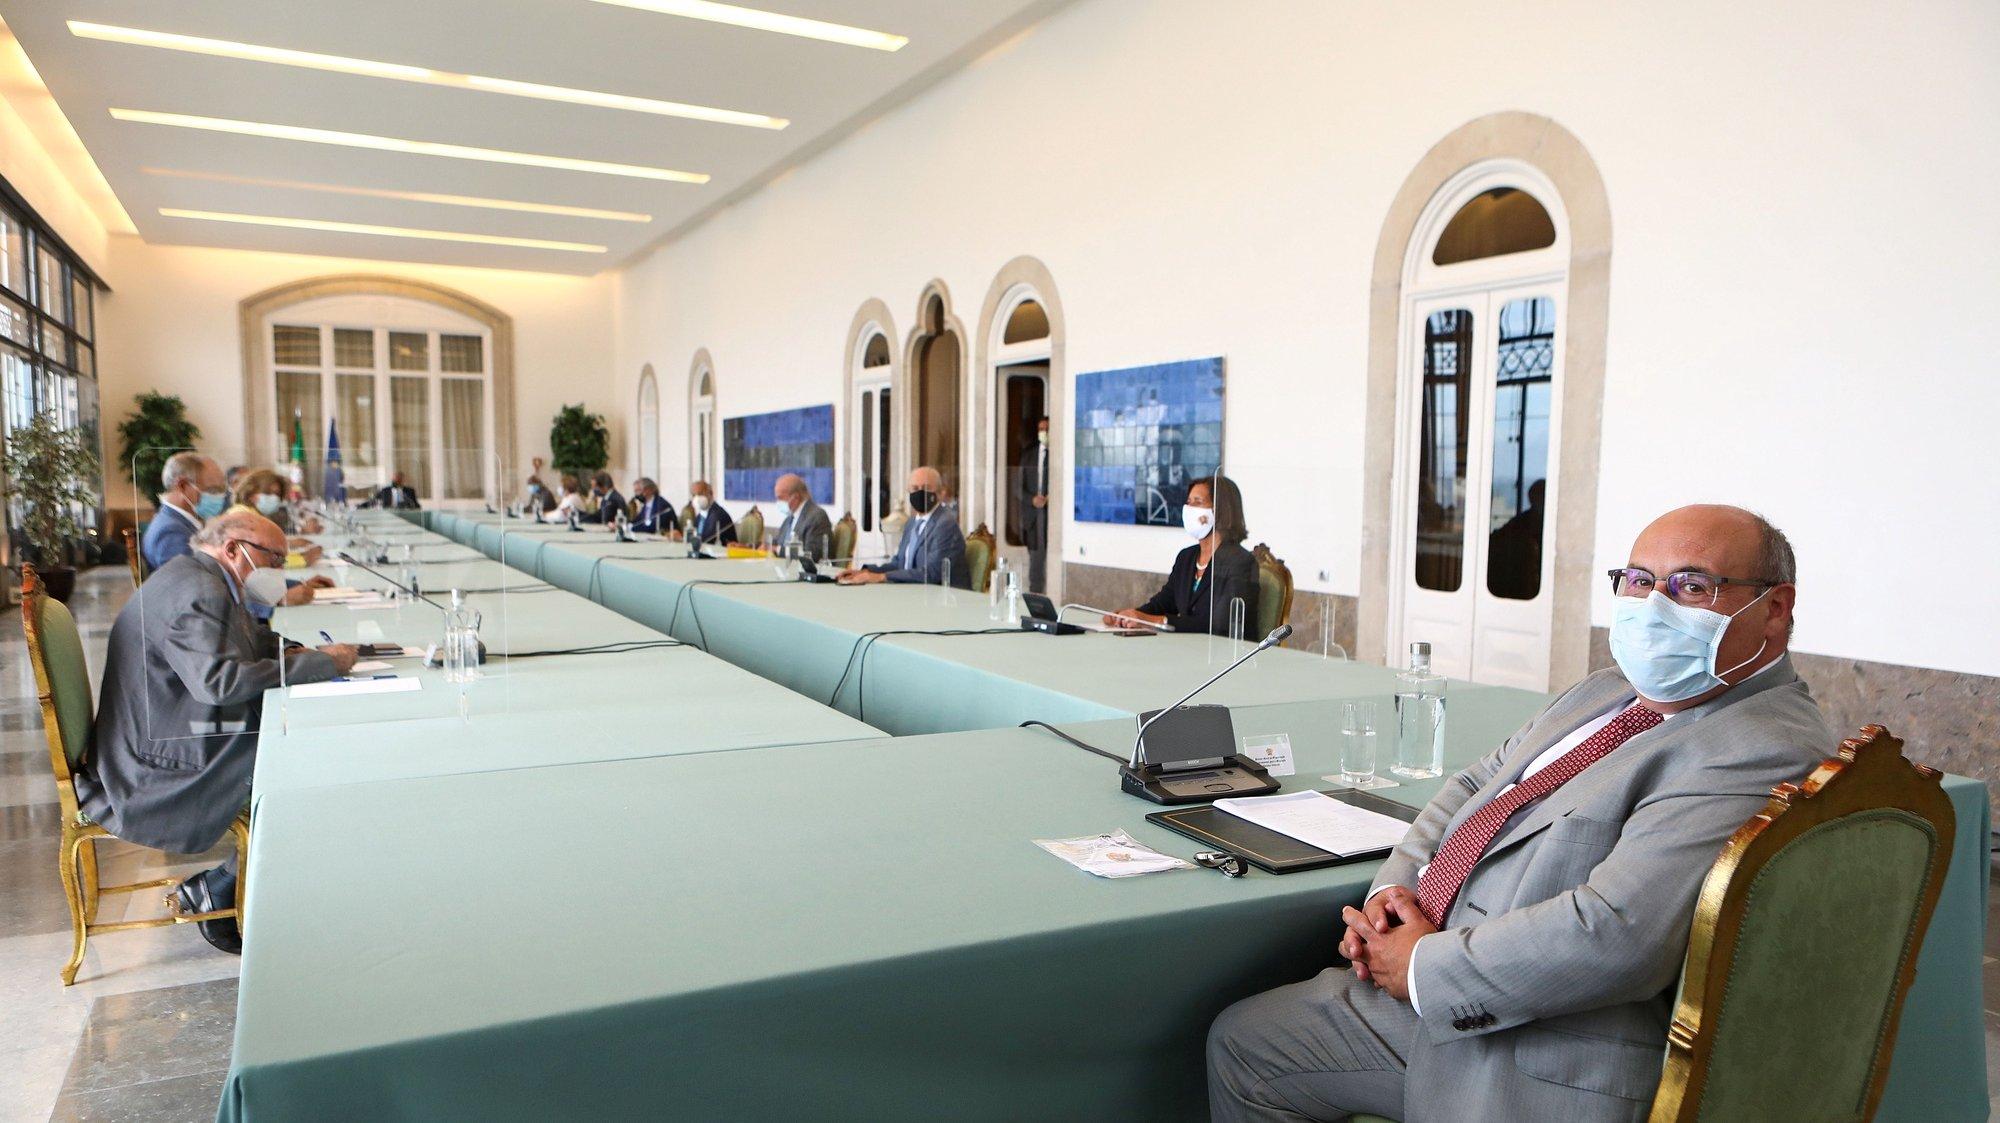 O diretor-geral da Organização Internacional para as Migrações (OIM), António Vitorino (D), participa como convidado na reunião do Conselho de Estado, sob o tema da problemática das migrações, no Palácio da Cidadela, em Cascais, 08 de setembro de 2021. ANTÓNIO PEDRO SANTOS/LUSA